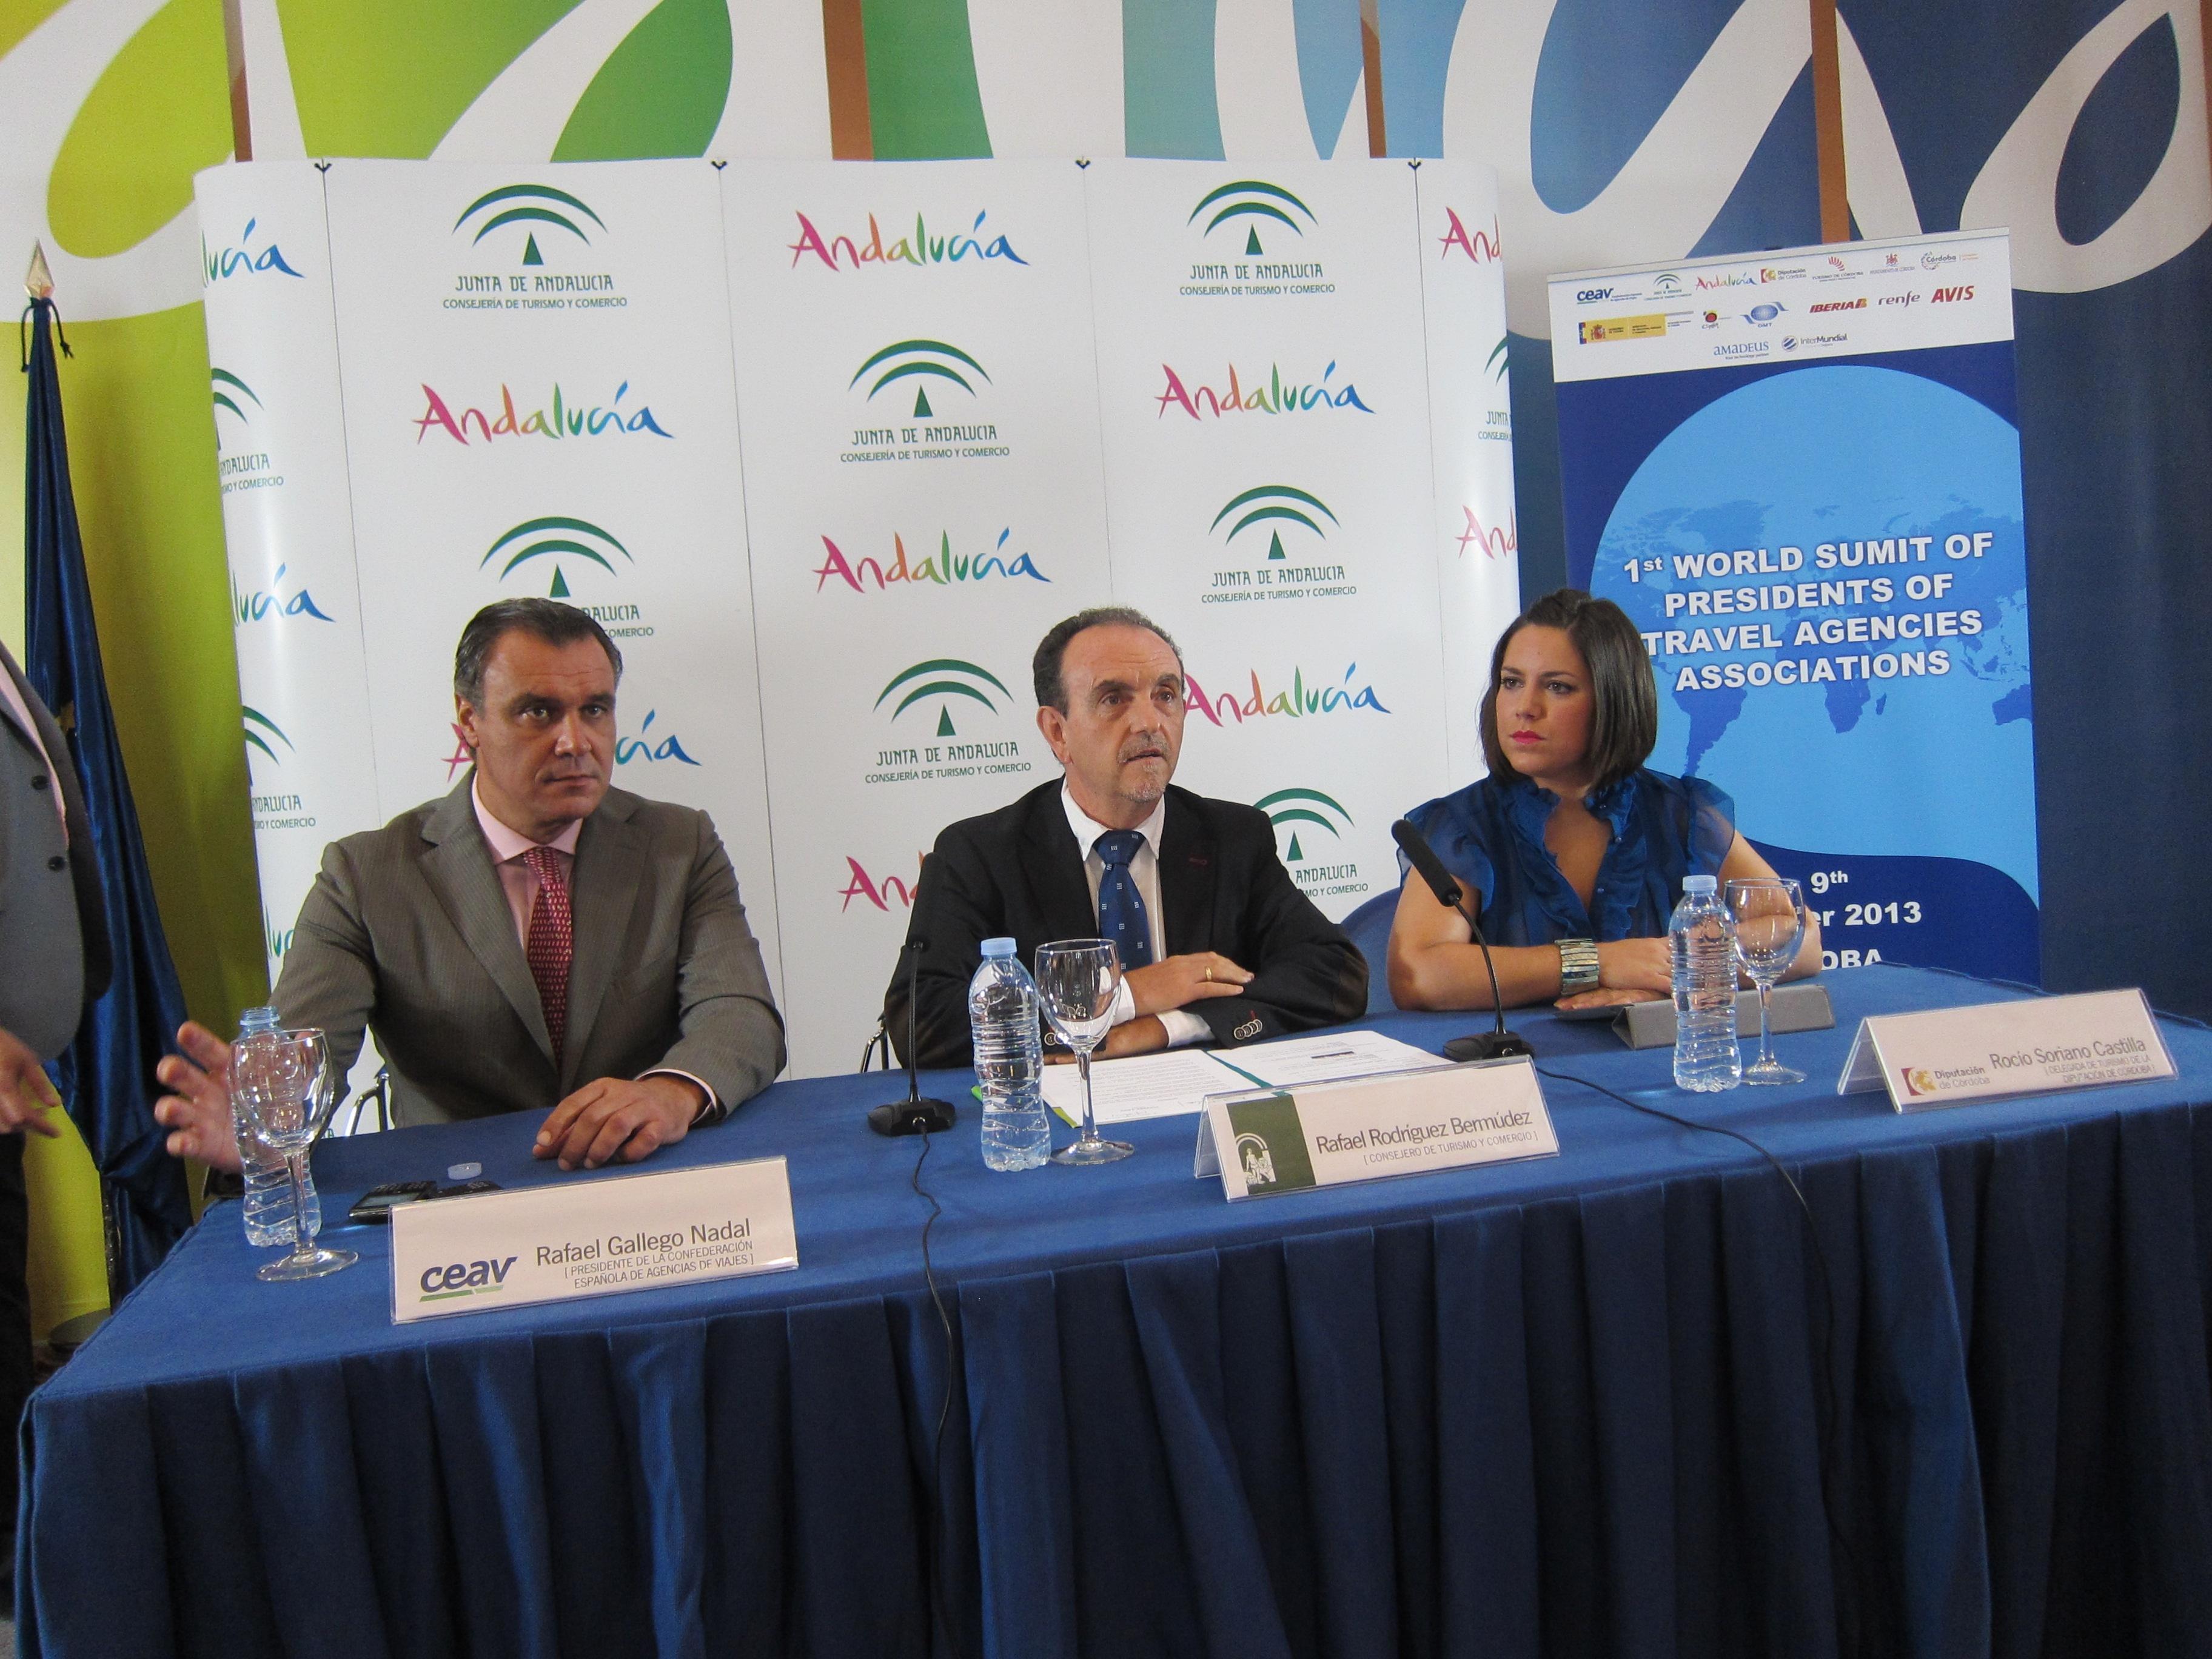 La I Cumbre Mundial de Agencias de Viaje debatirá en Córdoba los problemas del sector turístico